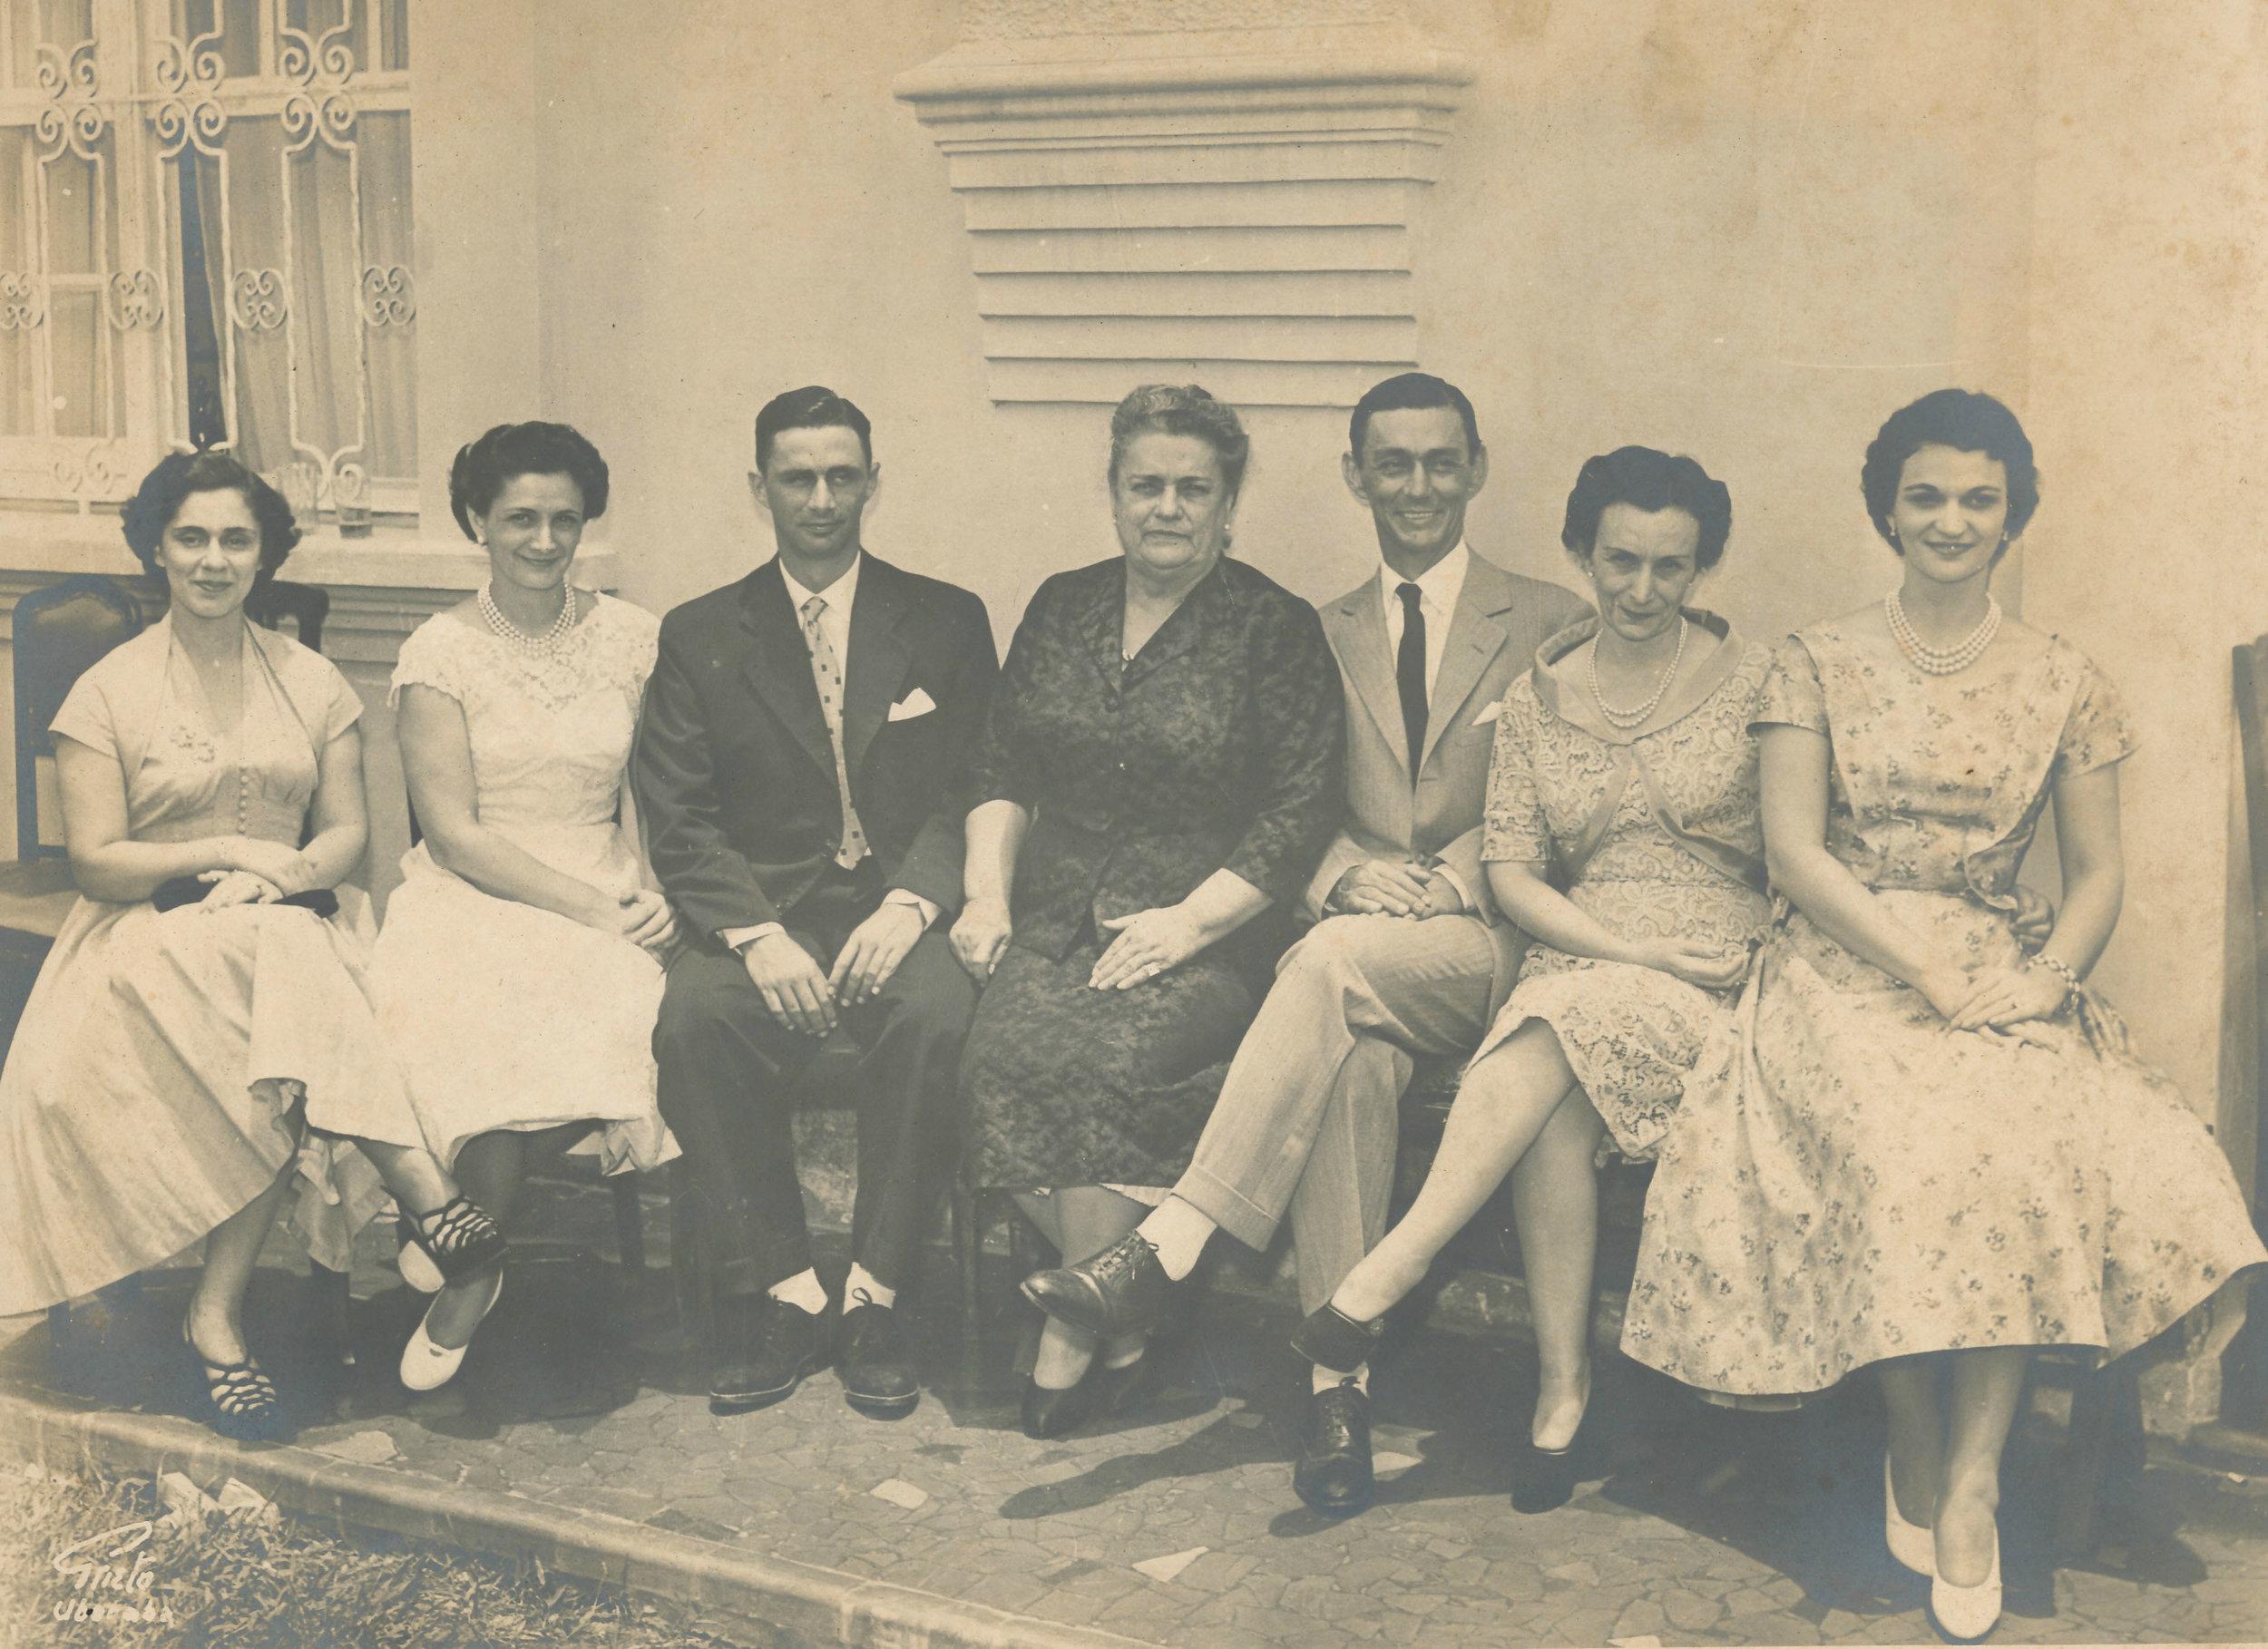 Grandma Teodora and her children